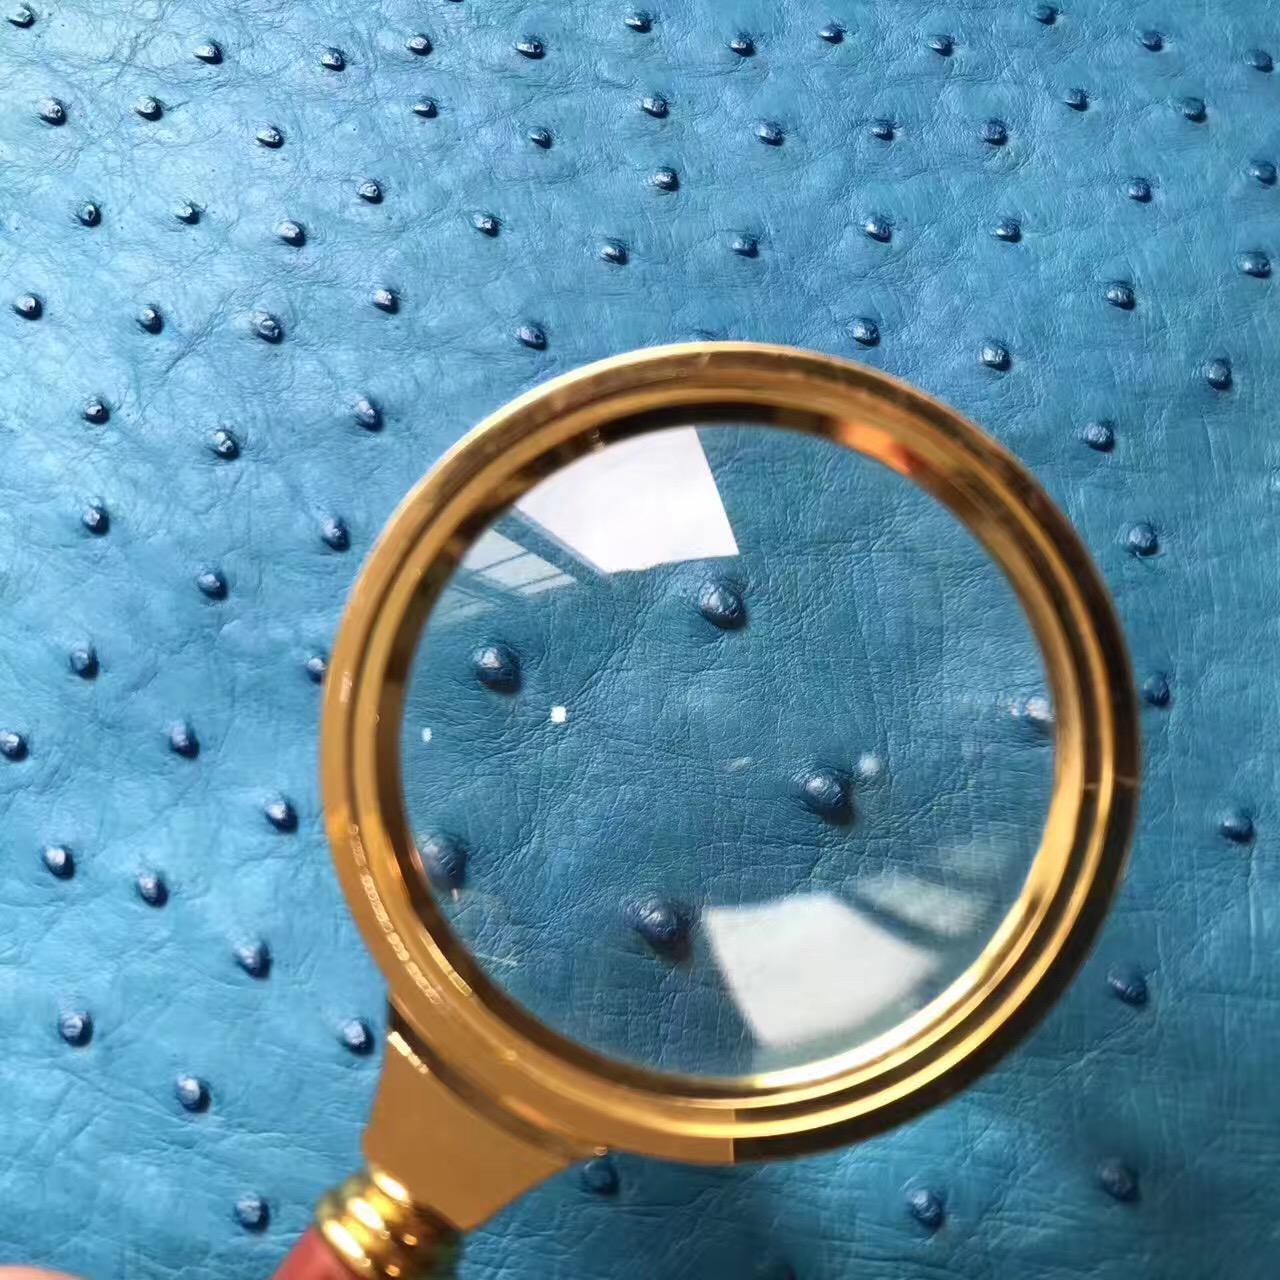 世界上最名貴的優質皮革 7W Blue Lzmir伊茲密爾藍鴕鳥皮